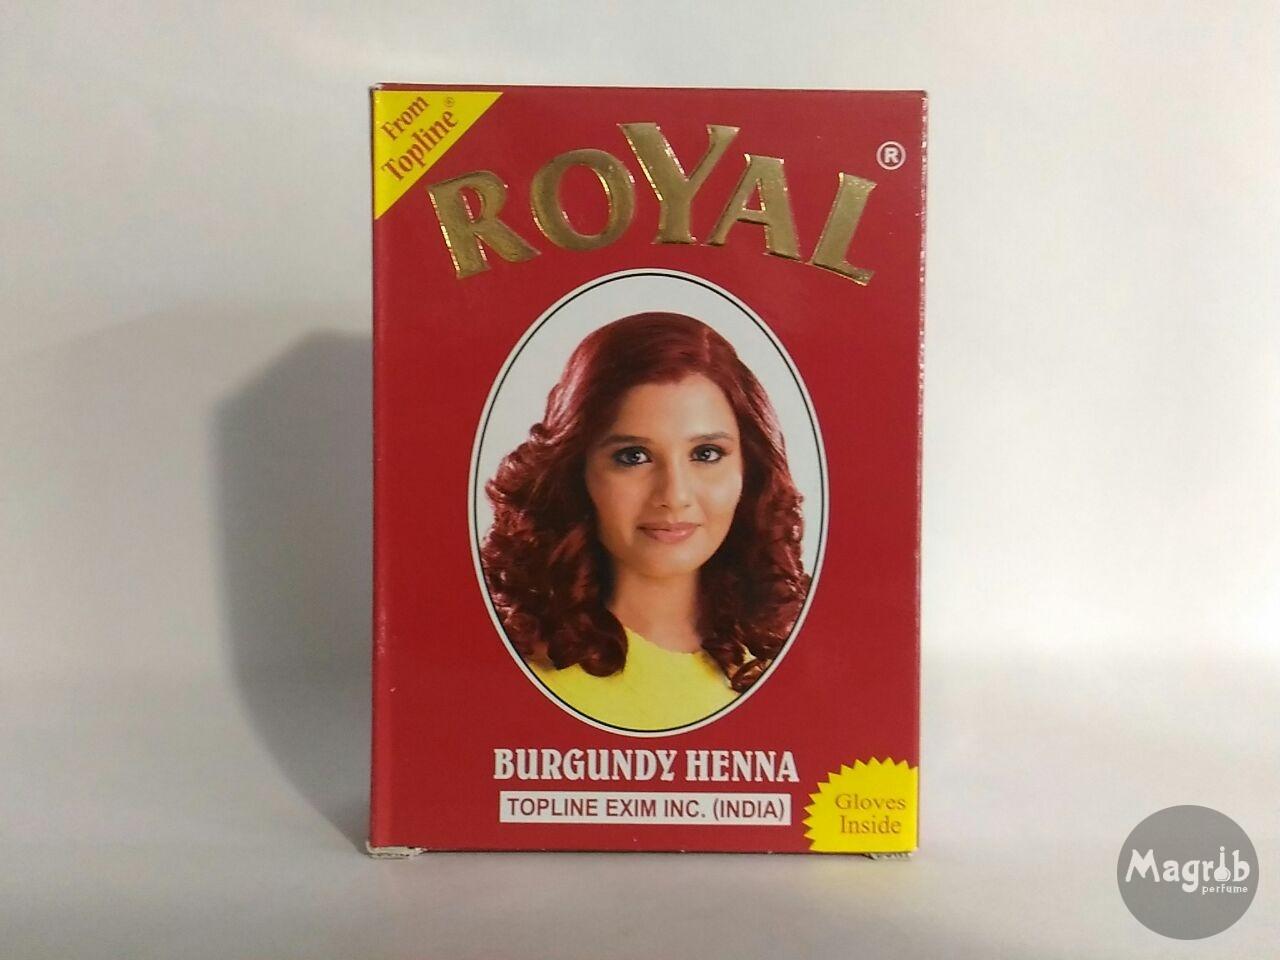 Royal Burgundy Henna 10gr- хна для окраски волос.